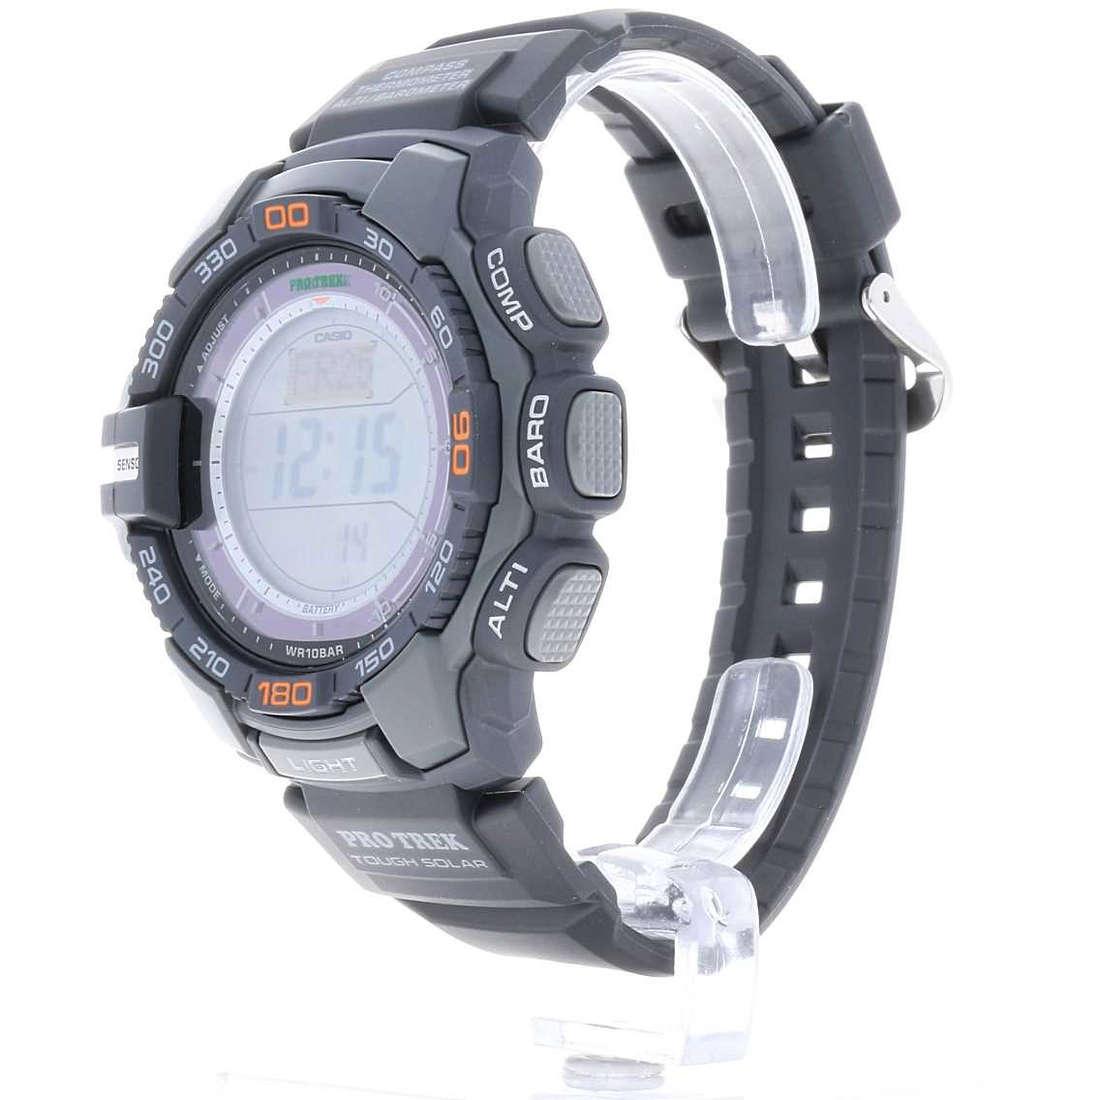 sale watches man Casio PRG-270-1ER